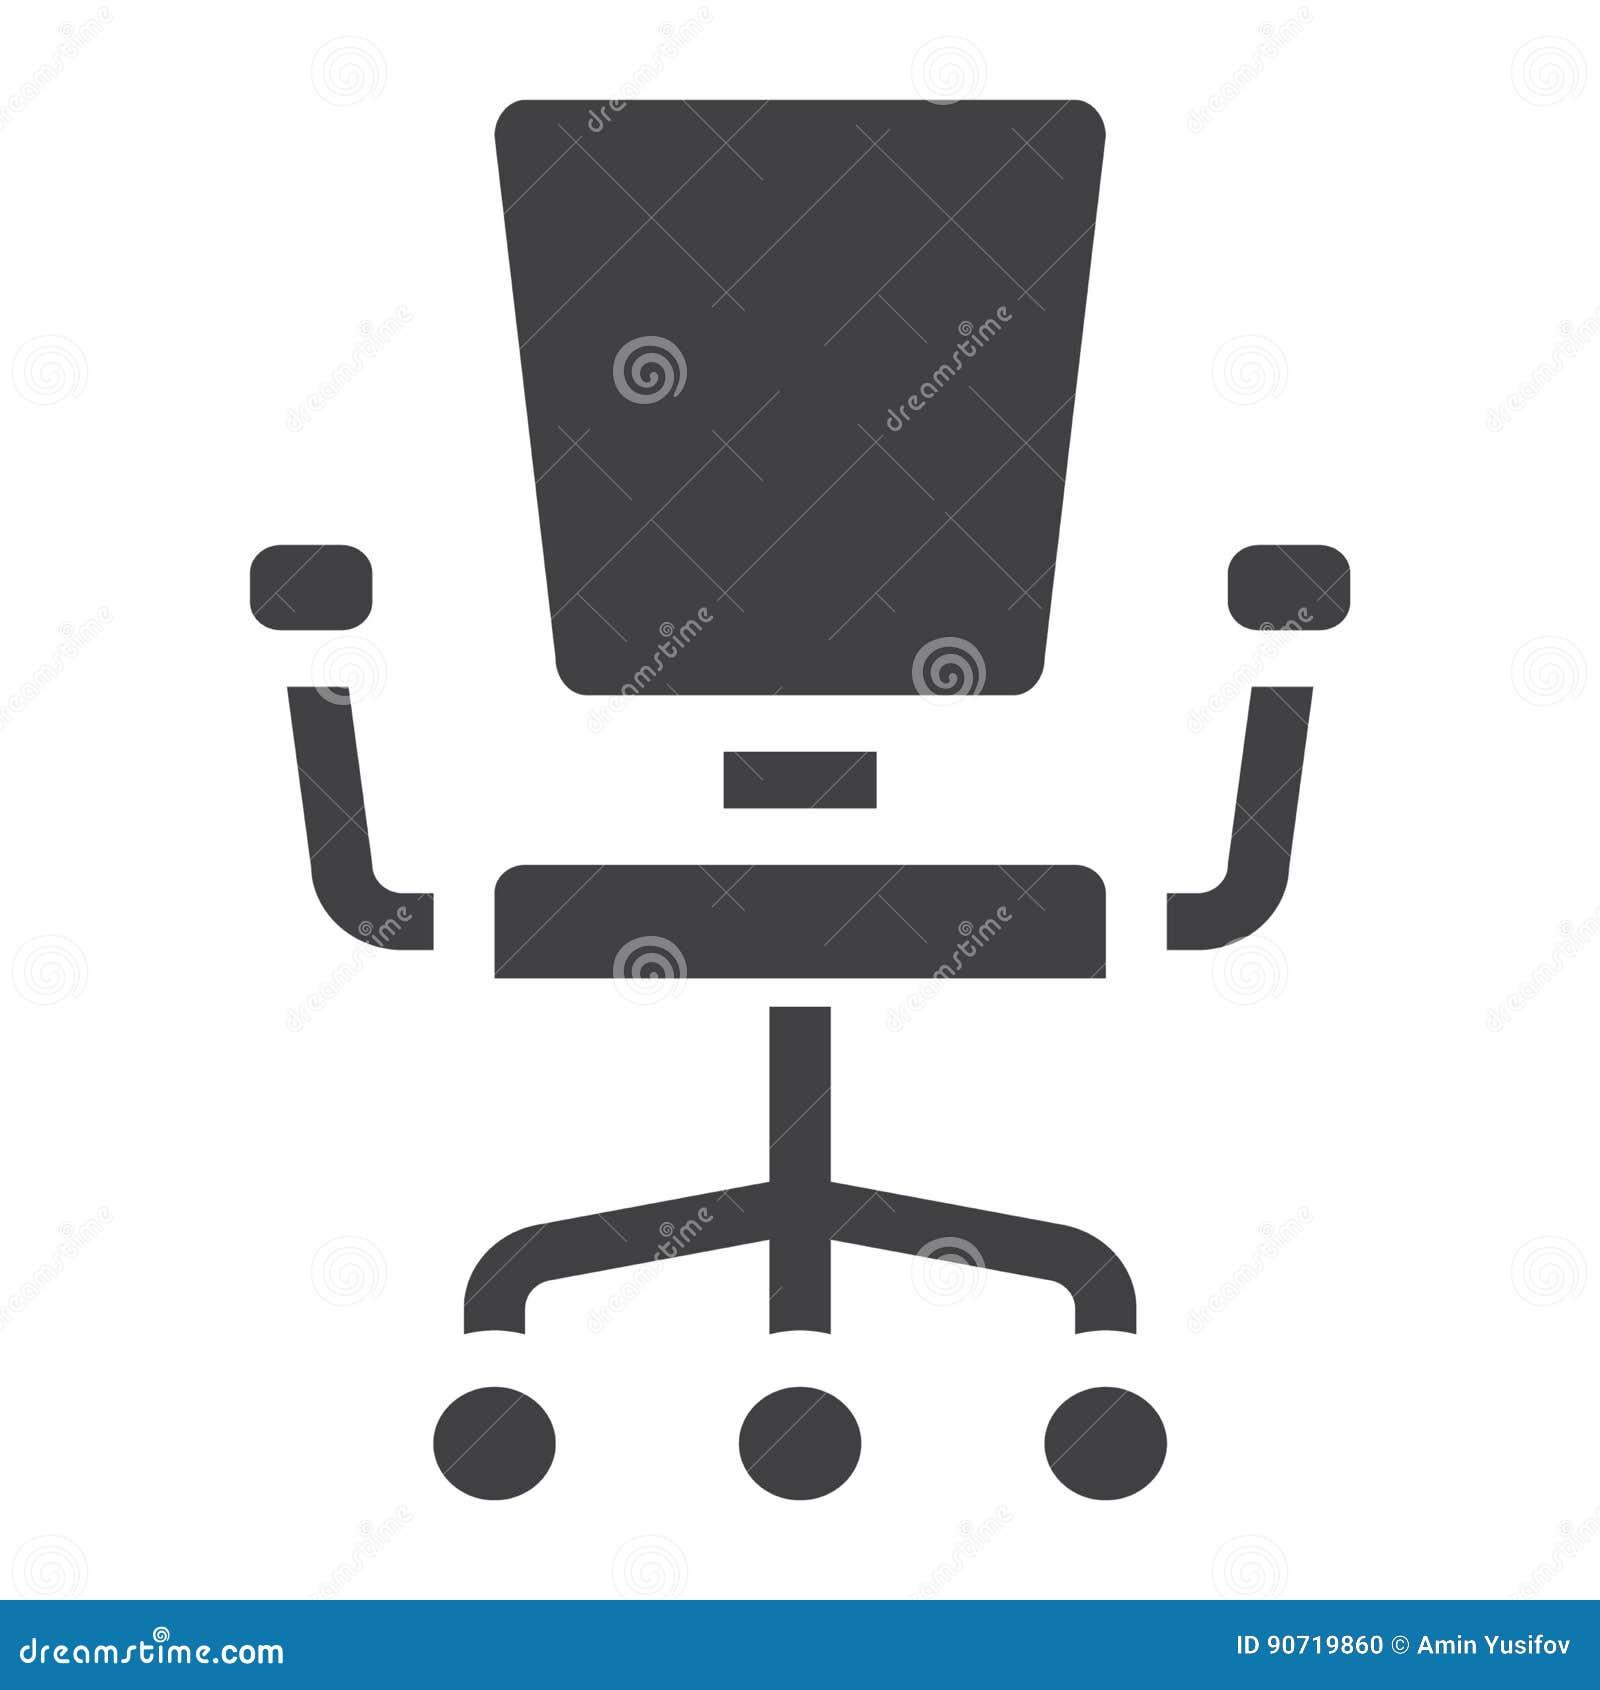 Icone Solide De Chaise Bureau Meubles Et Element Interieur Graphiques Vecteur Un Modele Rempli Sur Fond Blanc ENV 10